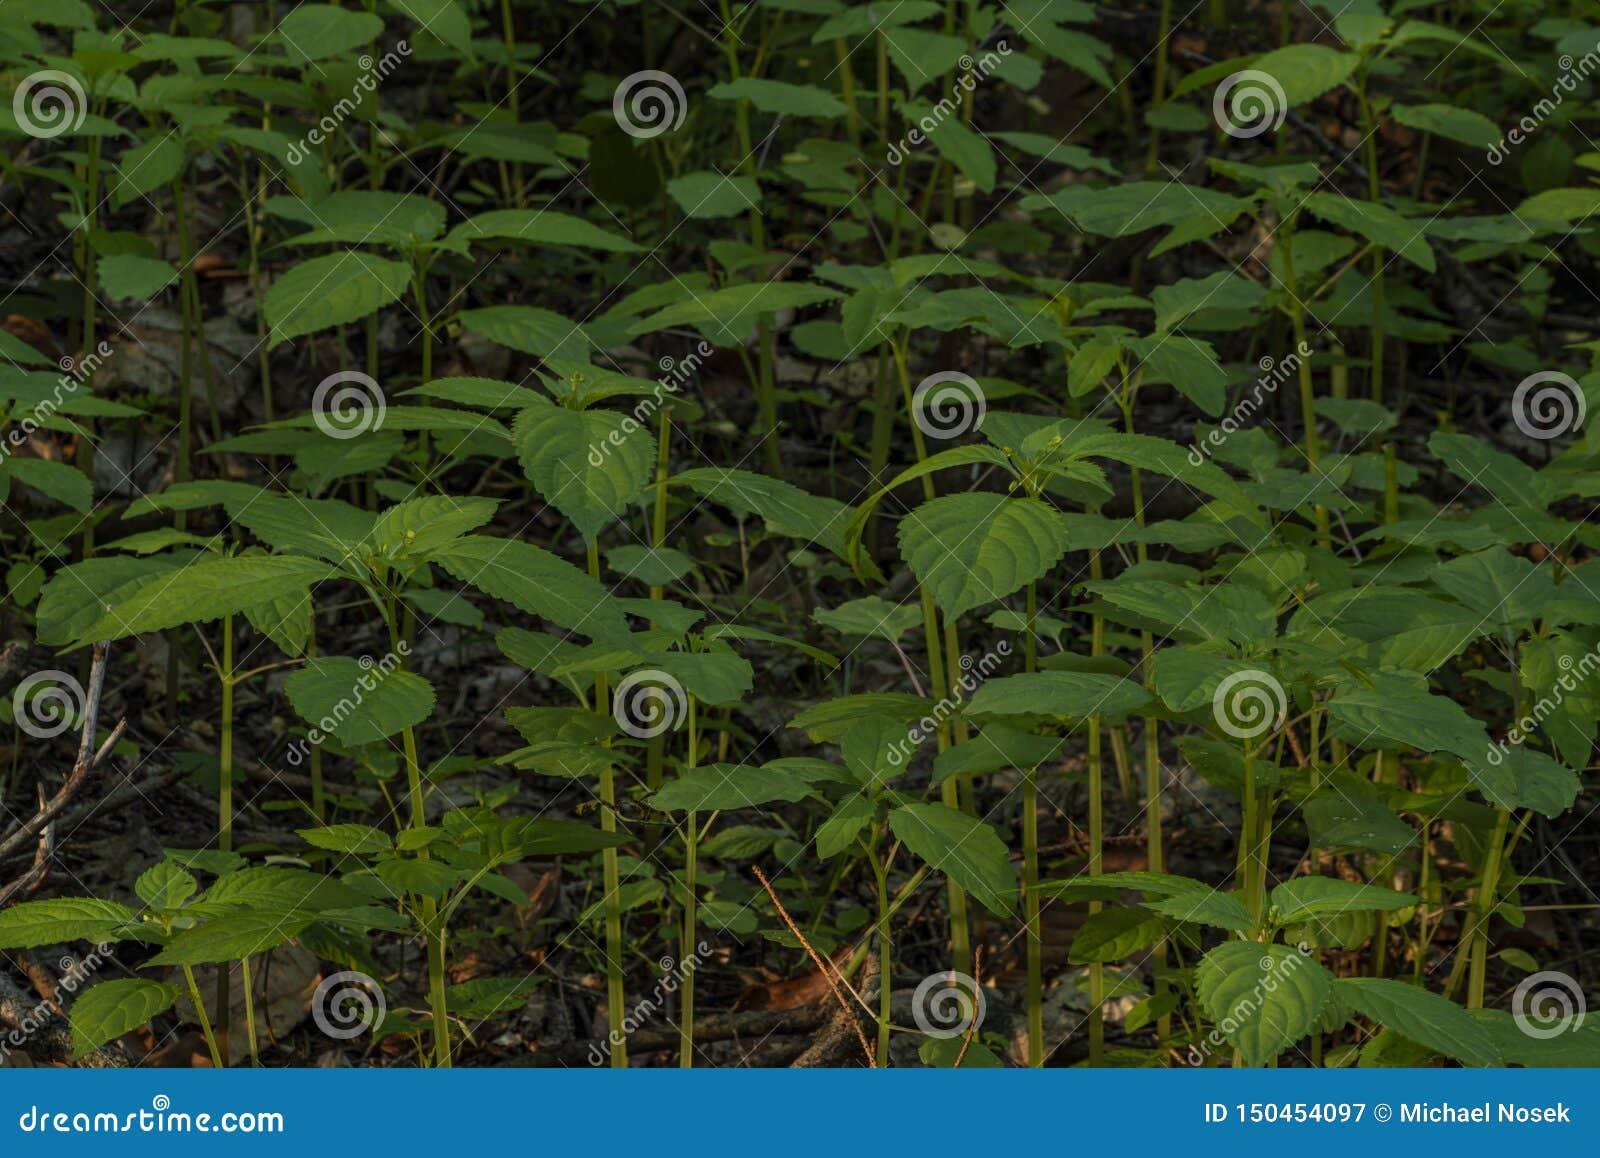 Plántulas frescas verdes en bosque oscuro de la primavera